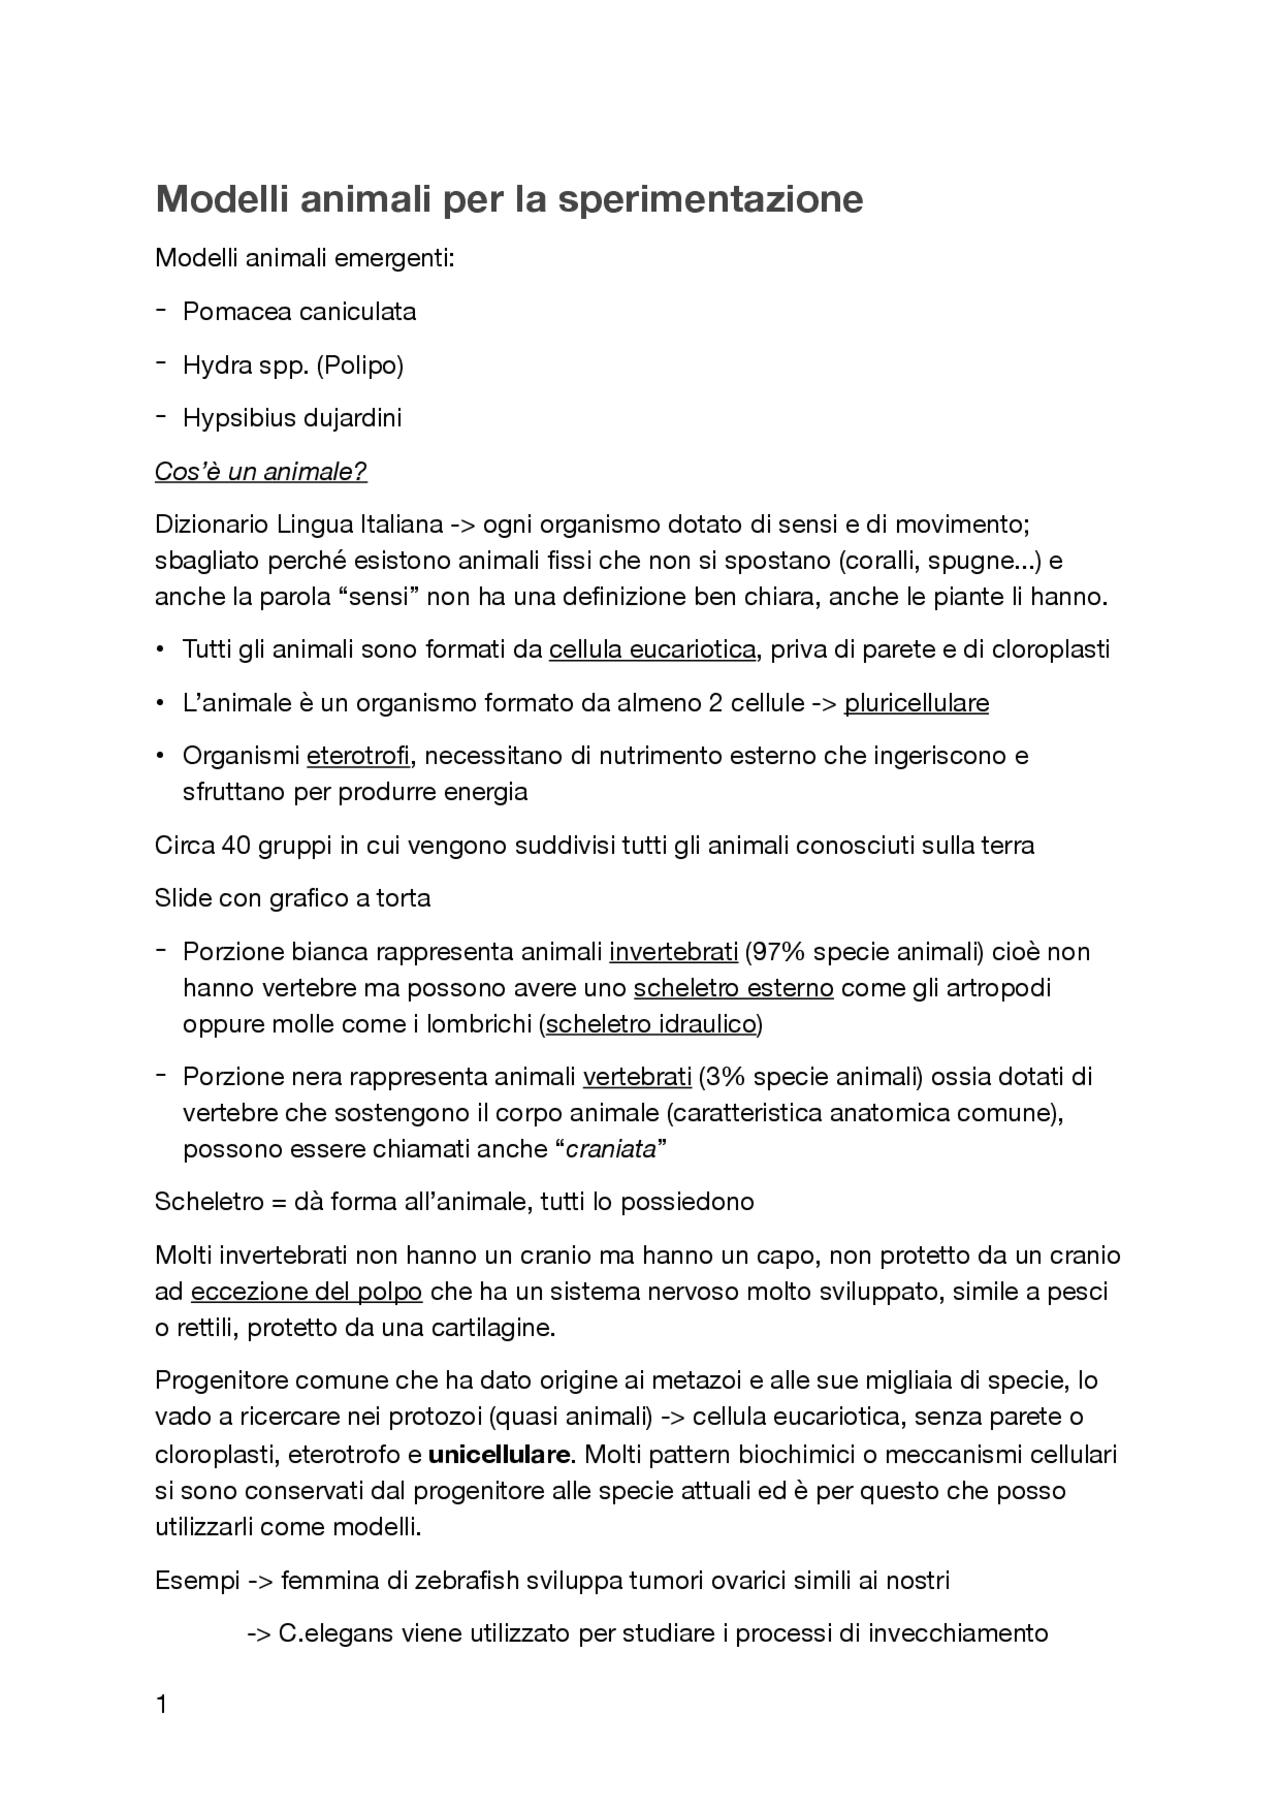 strategia binaria del modello a molla